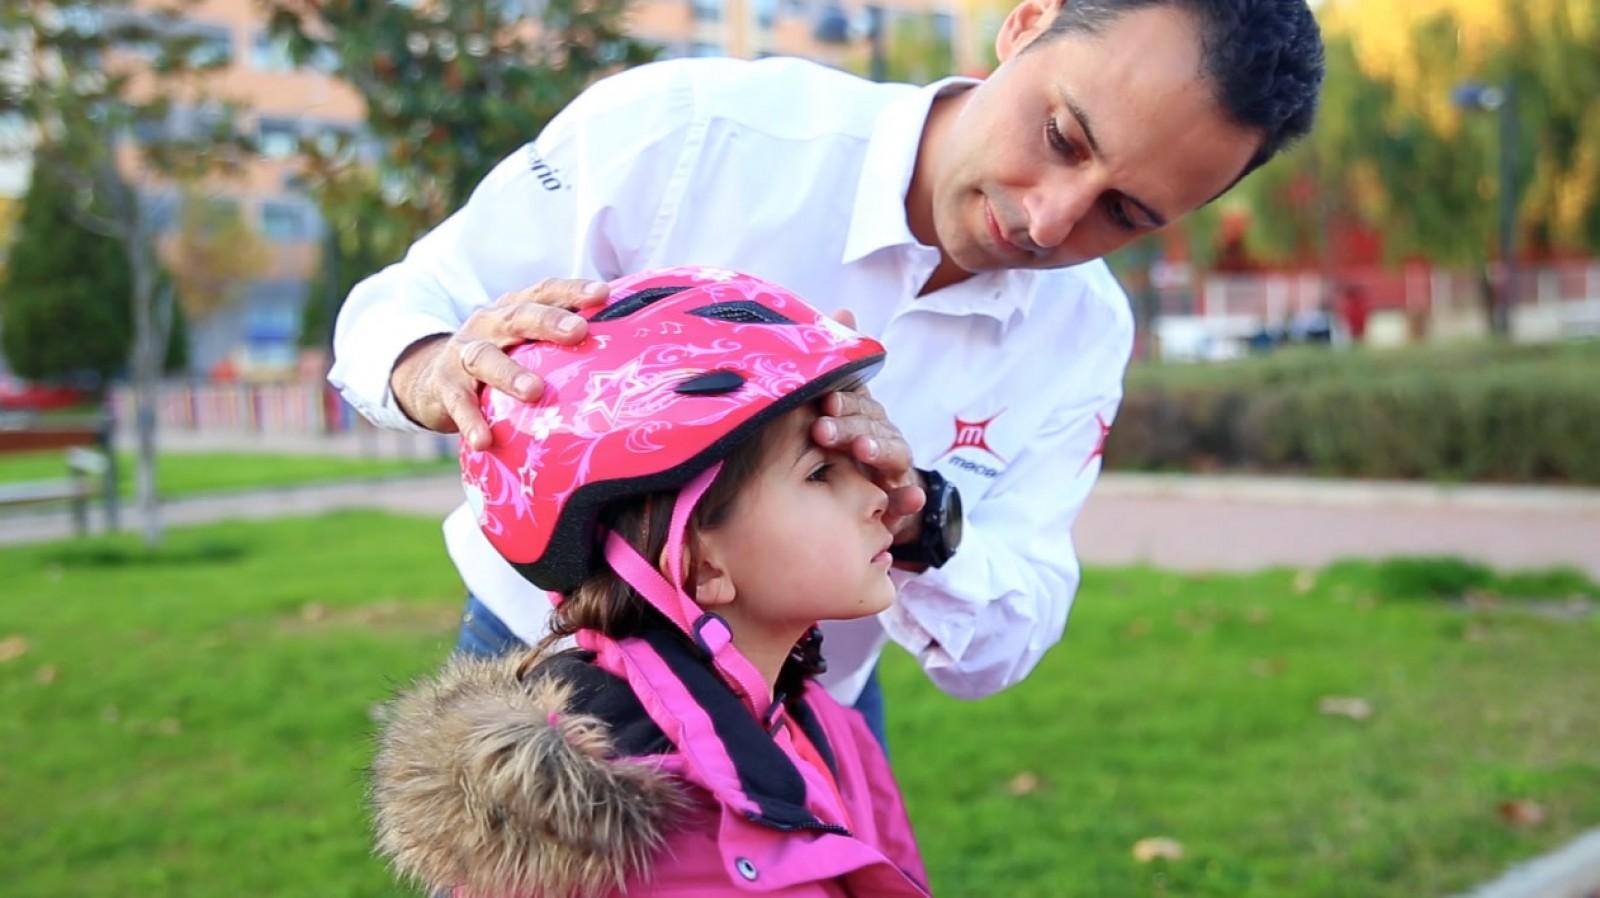 comprar-casco-bici-niños/